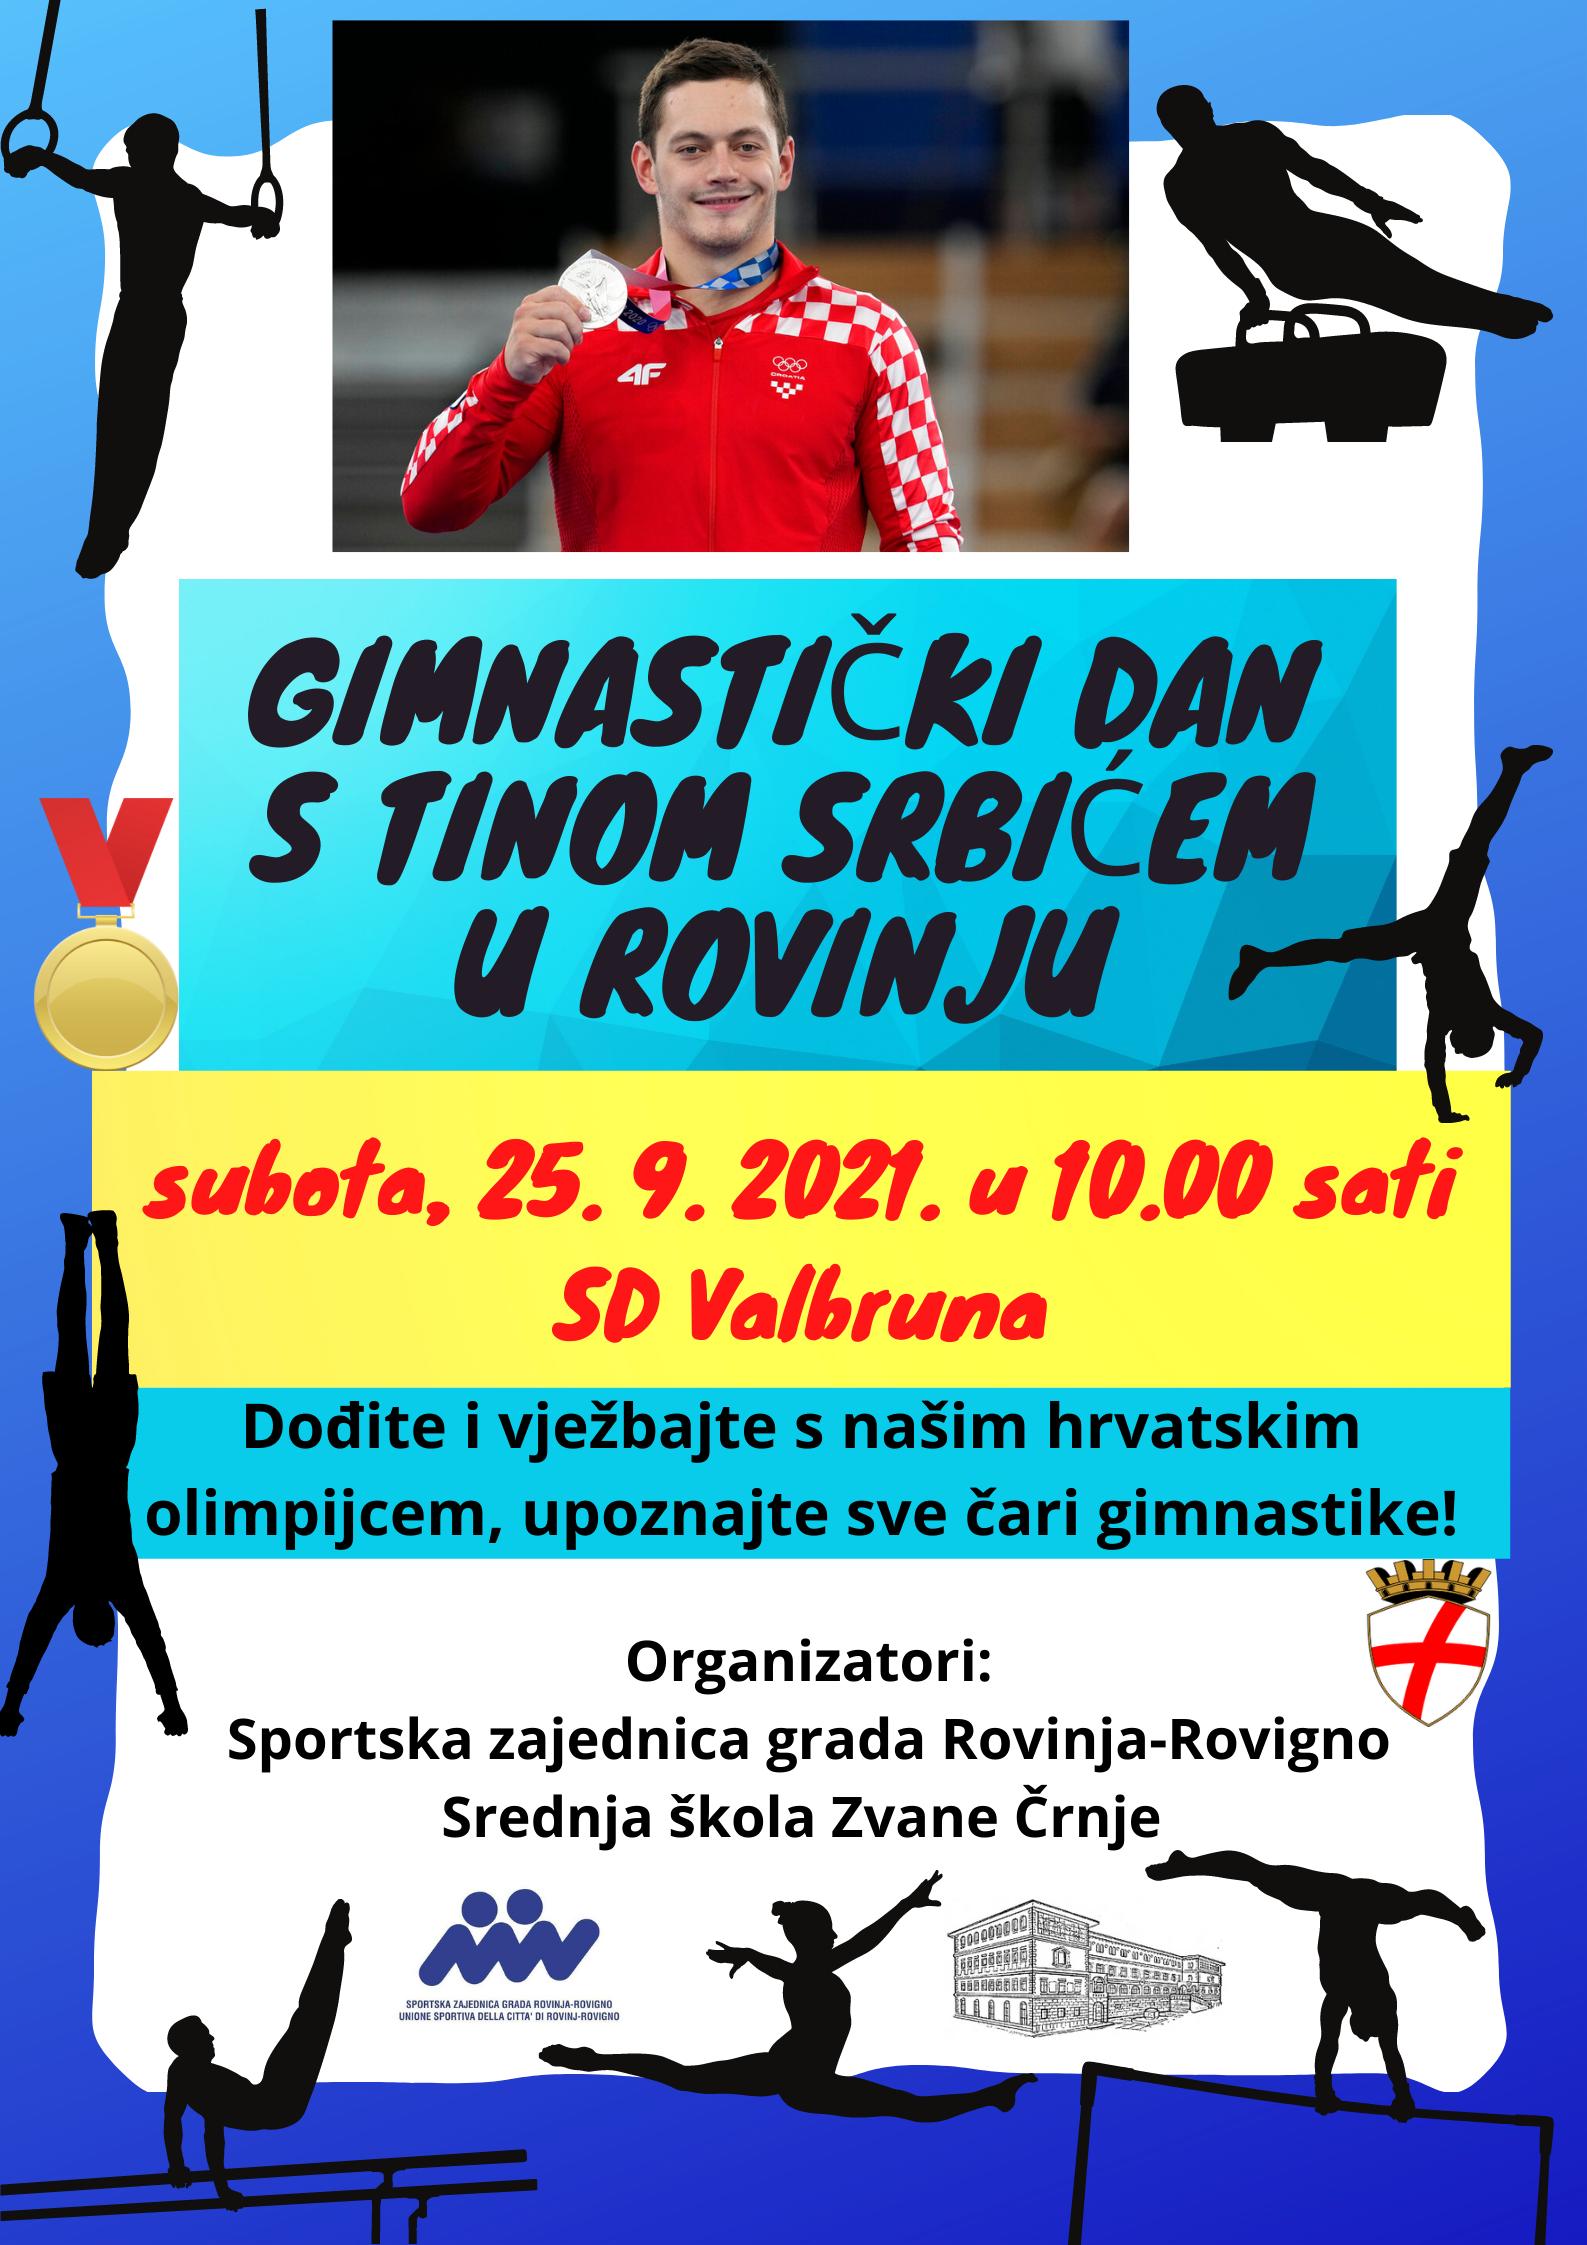 U subotu se održava Gimnastički dan s Tinom Srbićem